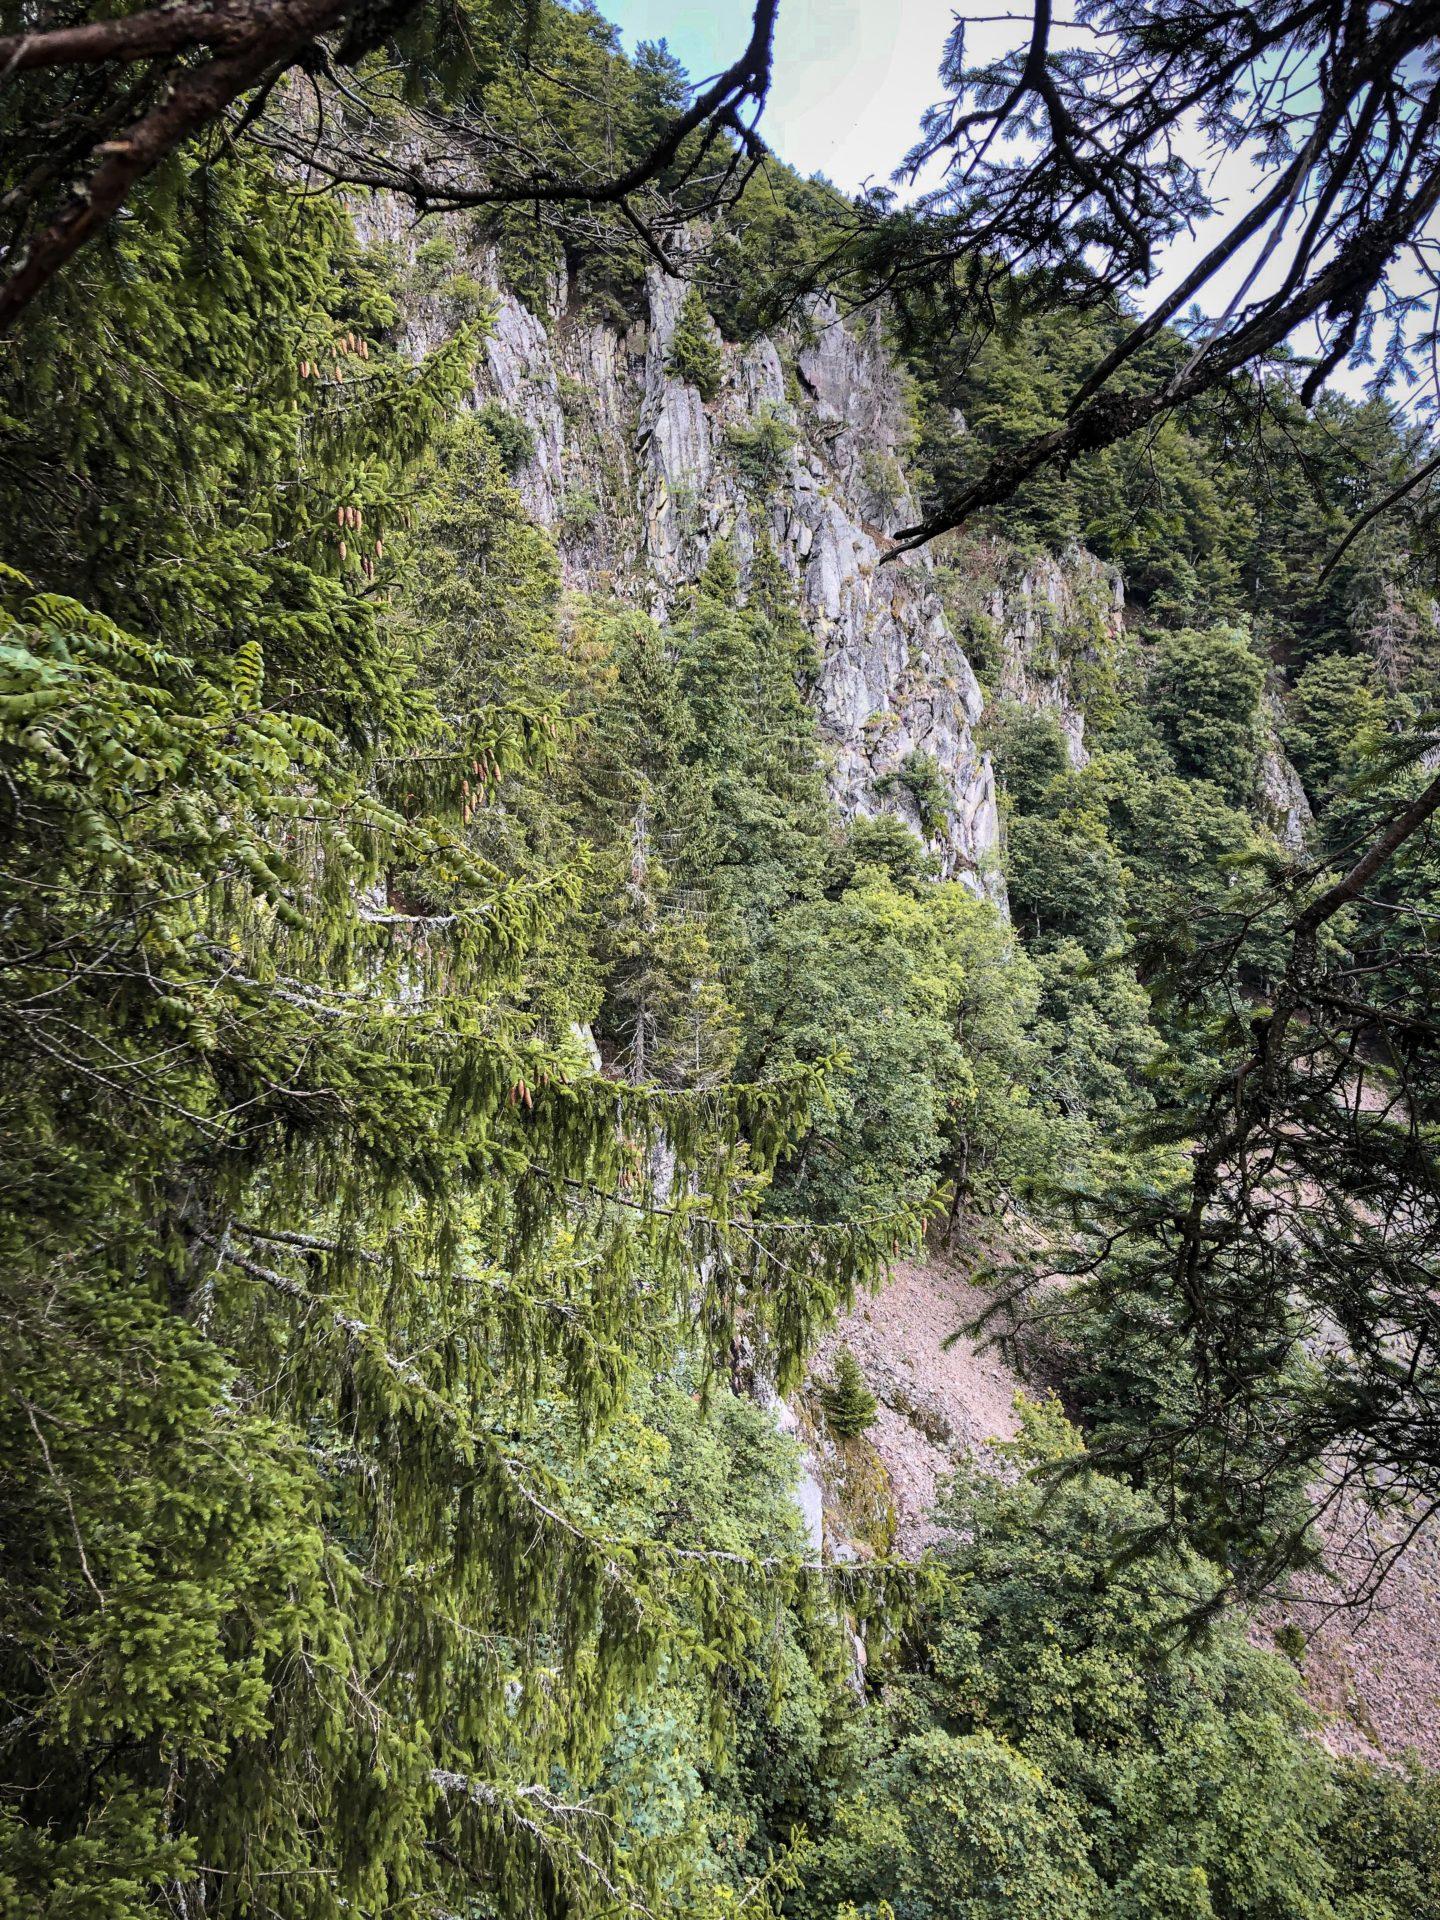 Falaises de granit sur le sentier des Roches dans les Vosges